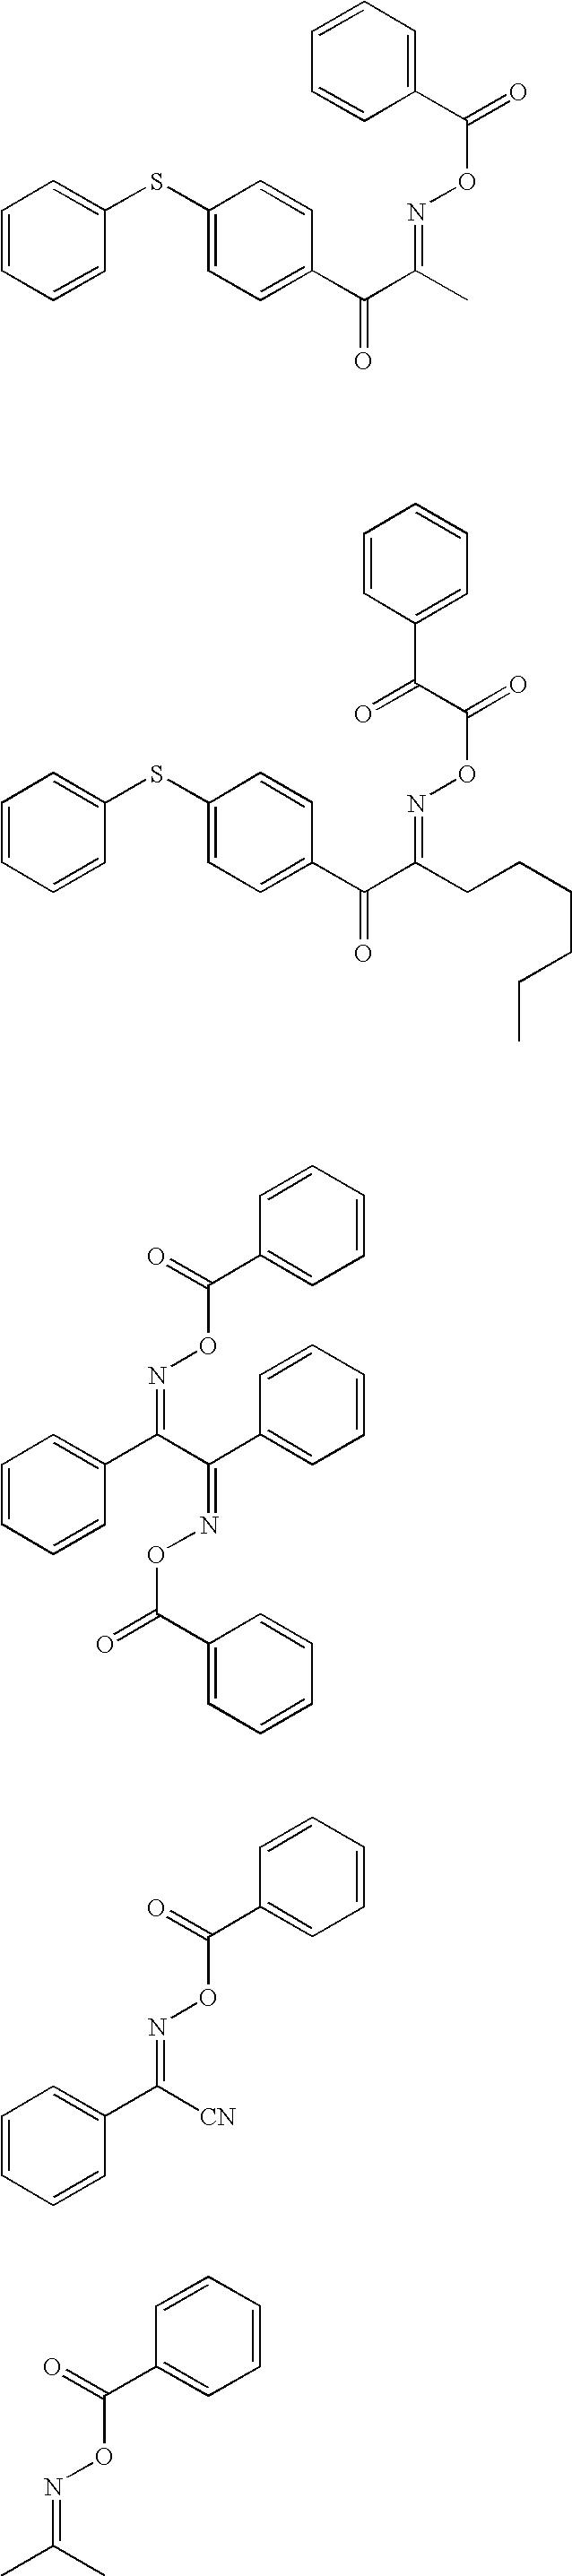 Figure US20050153239A1-20050714-C00071